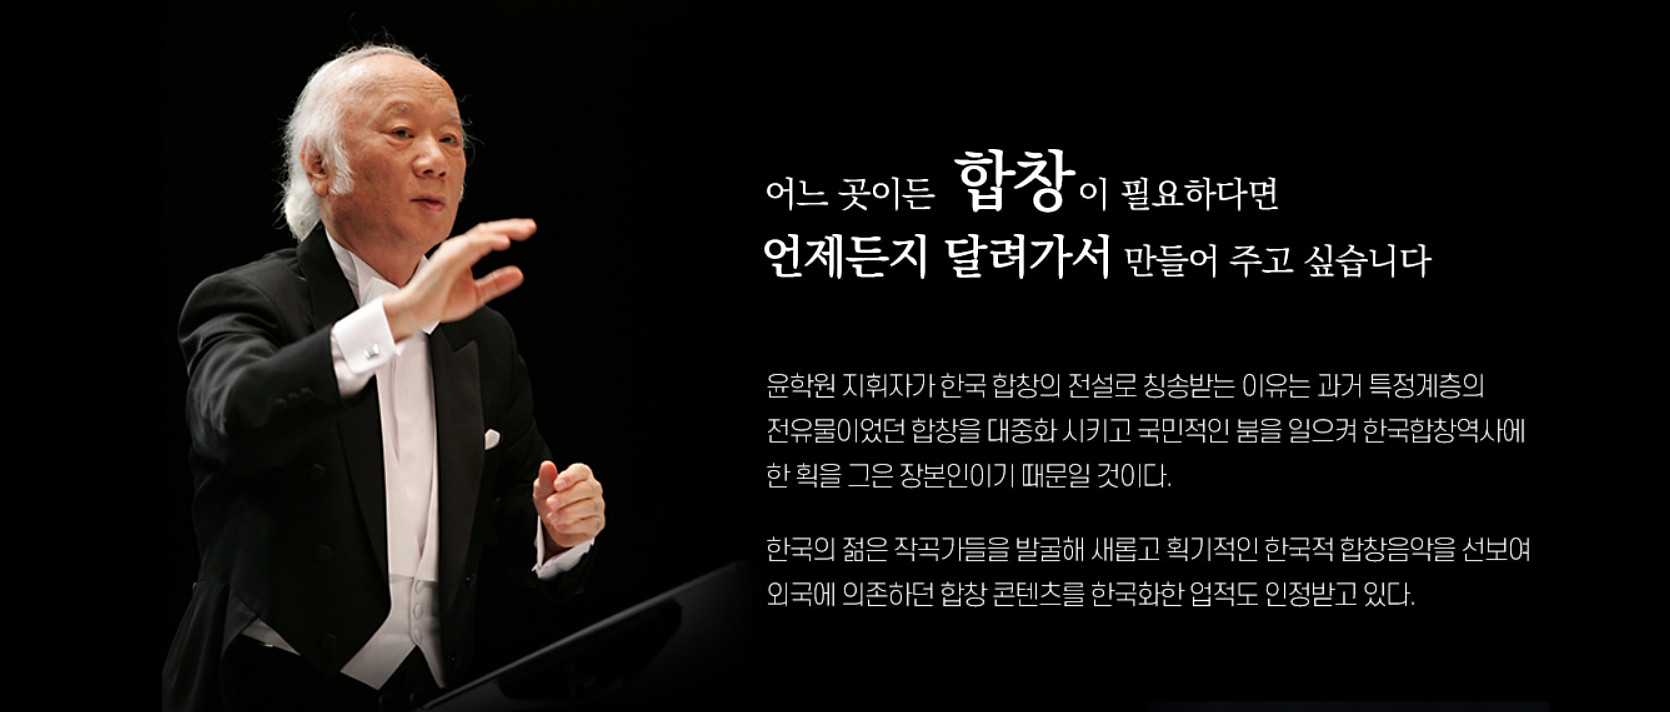 윤학원 교수 합창 지휘자